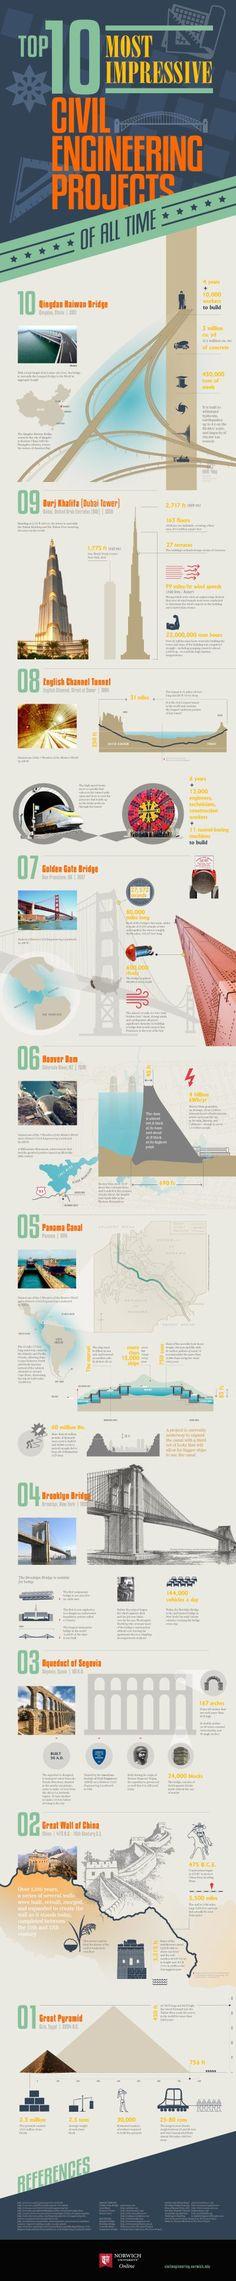 Eurofinsa: Las 10 obras de ingeniería civil más impresionantes de todos los tiempos